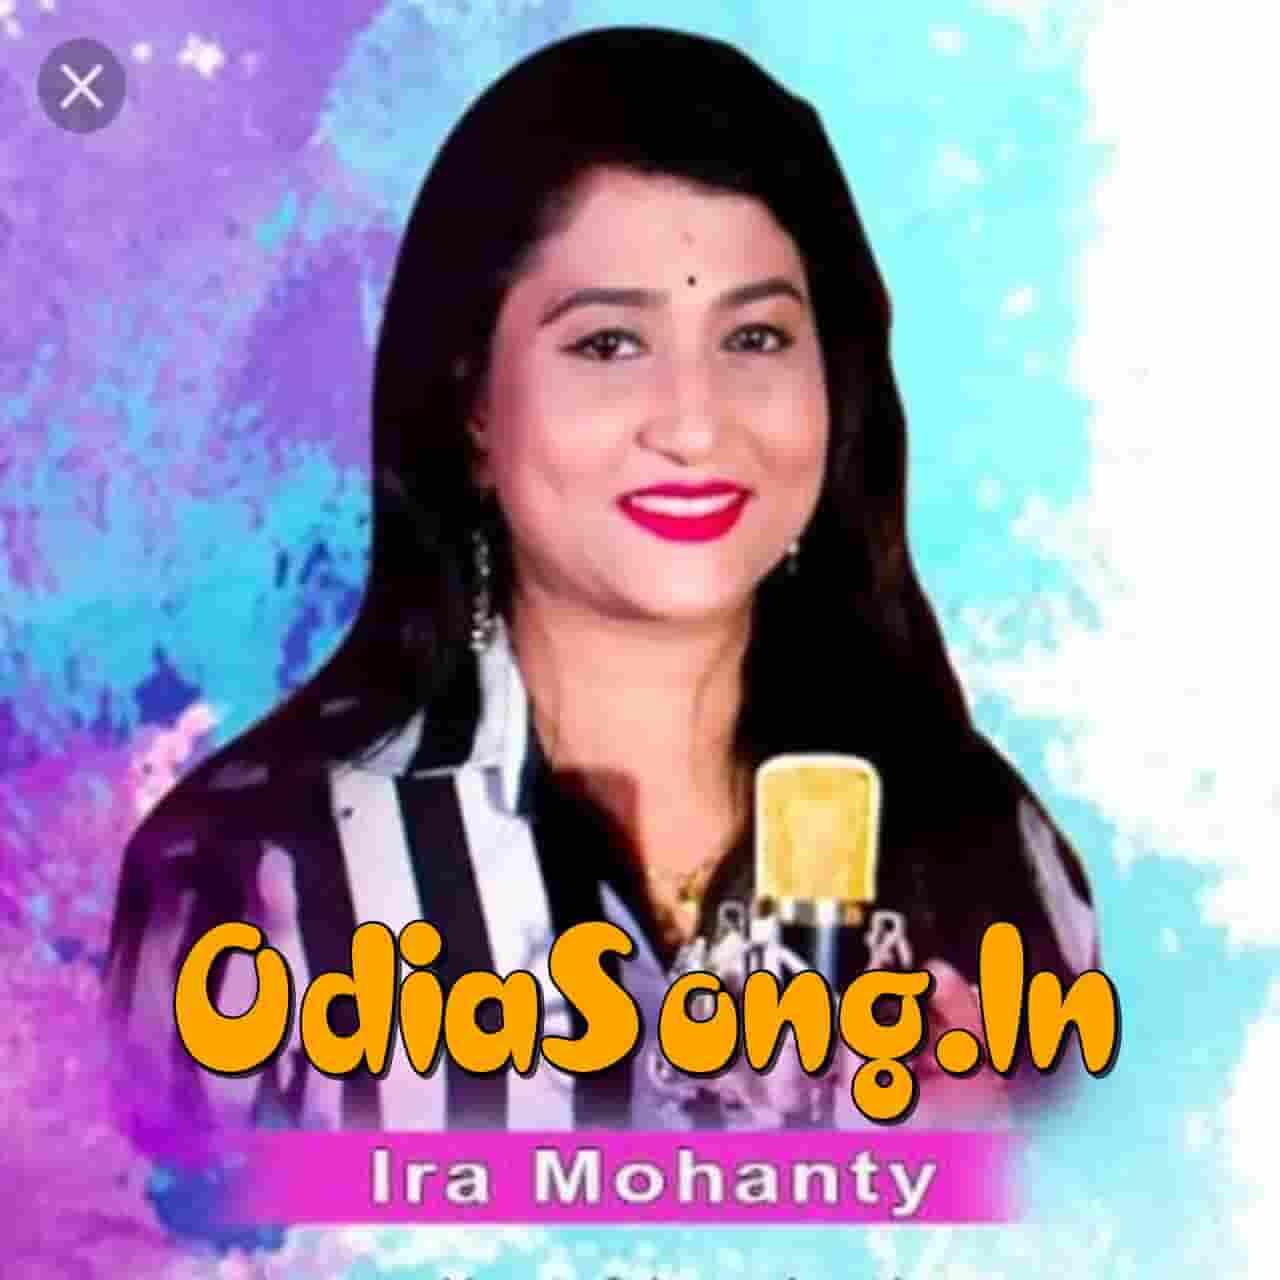 Jay Maha Kali - Odia Bhajan (Ira Mohanty, Kausik, Riazz)